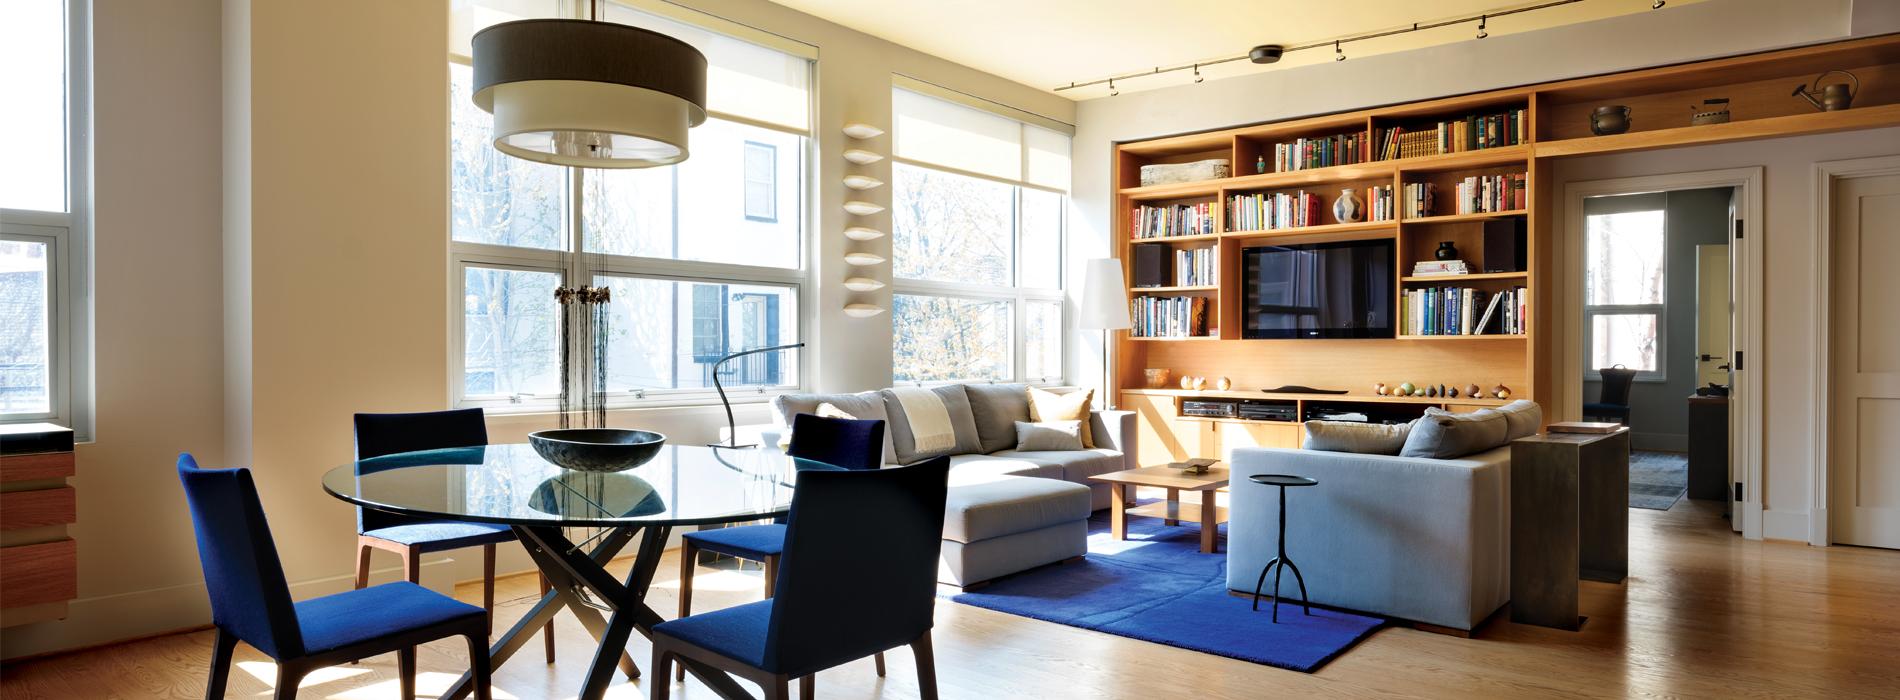 Top Designers Presented By Home Design Portfolio